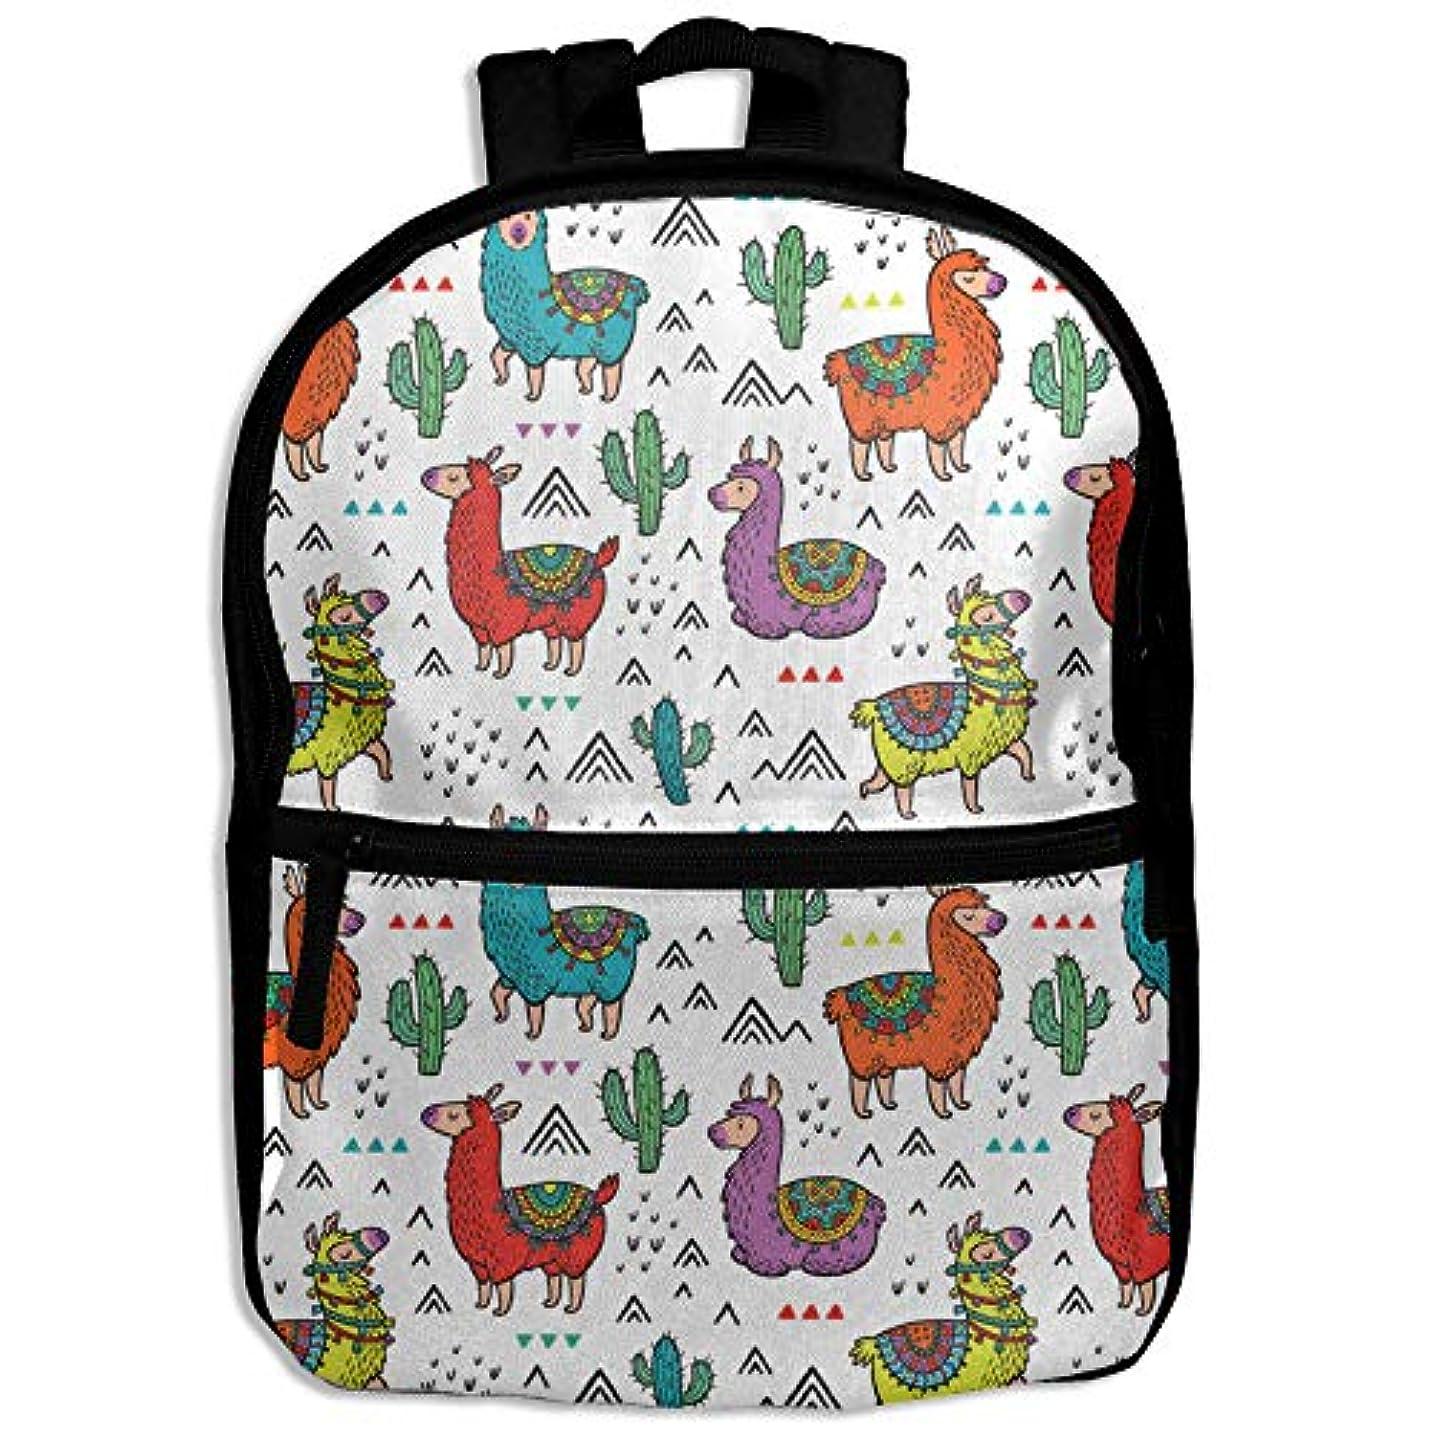 気まぐれな精通したはさみキッズバッグ キッズ リュックサック バックパック 子供用のバッグ 学生 リュックサック かわいい 動物柄 カラフル アルパカ アウトドア 通学 ハイキング 遠足